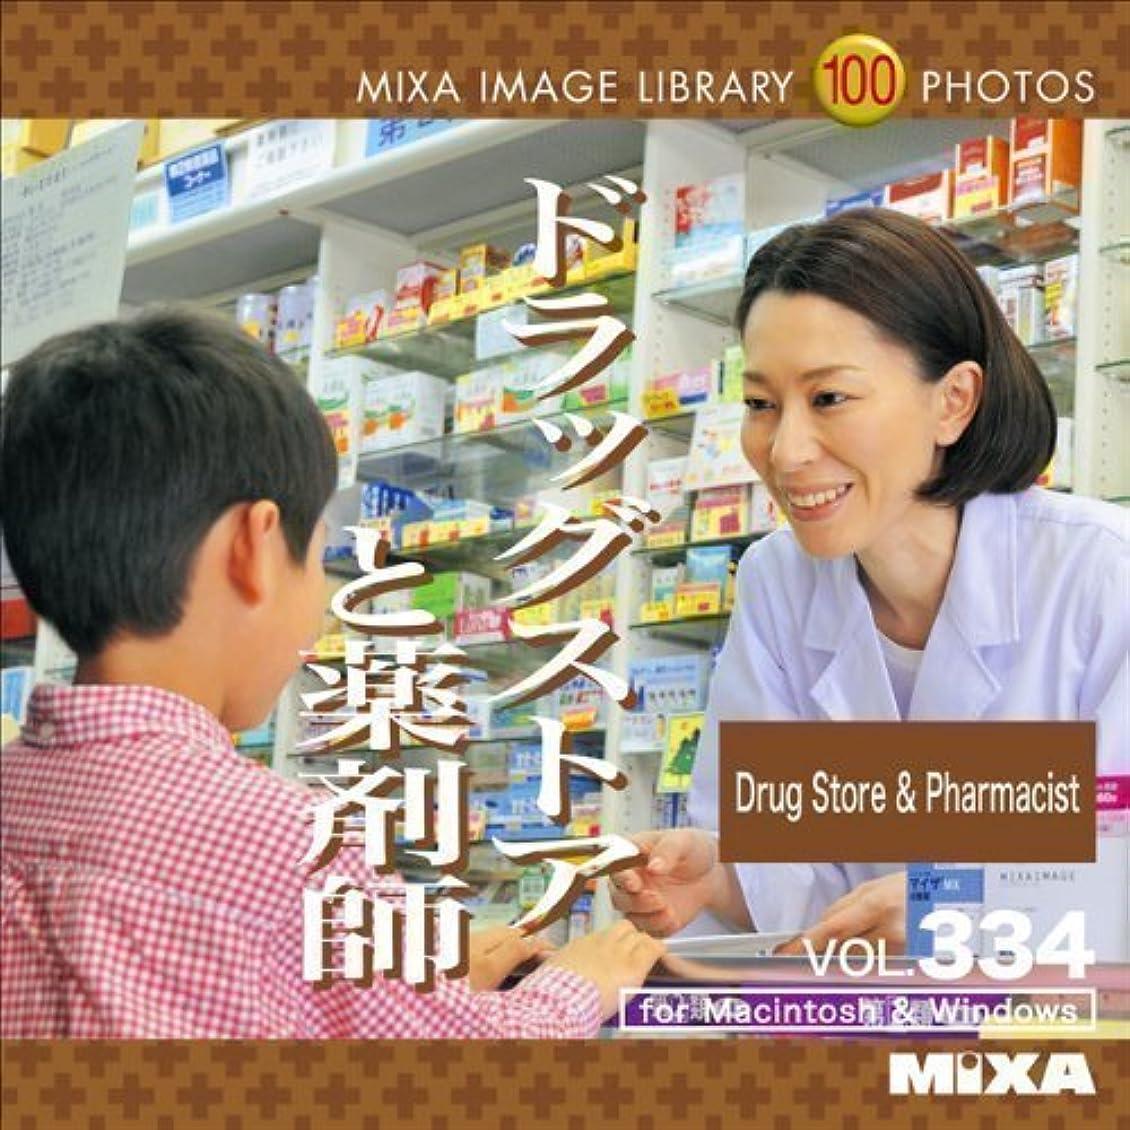 フィルタそう輪郭MIXA IMAGE LIBRARY Vol.334 ドラッグストアと薬剤師